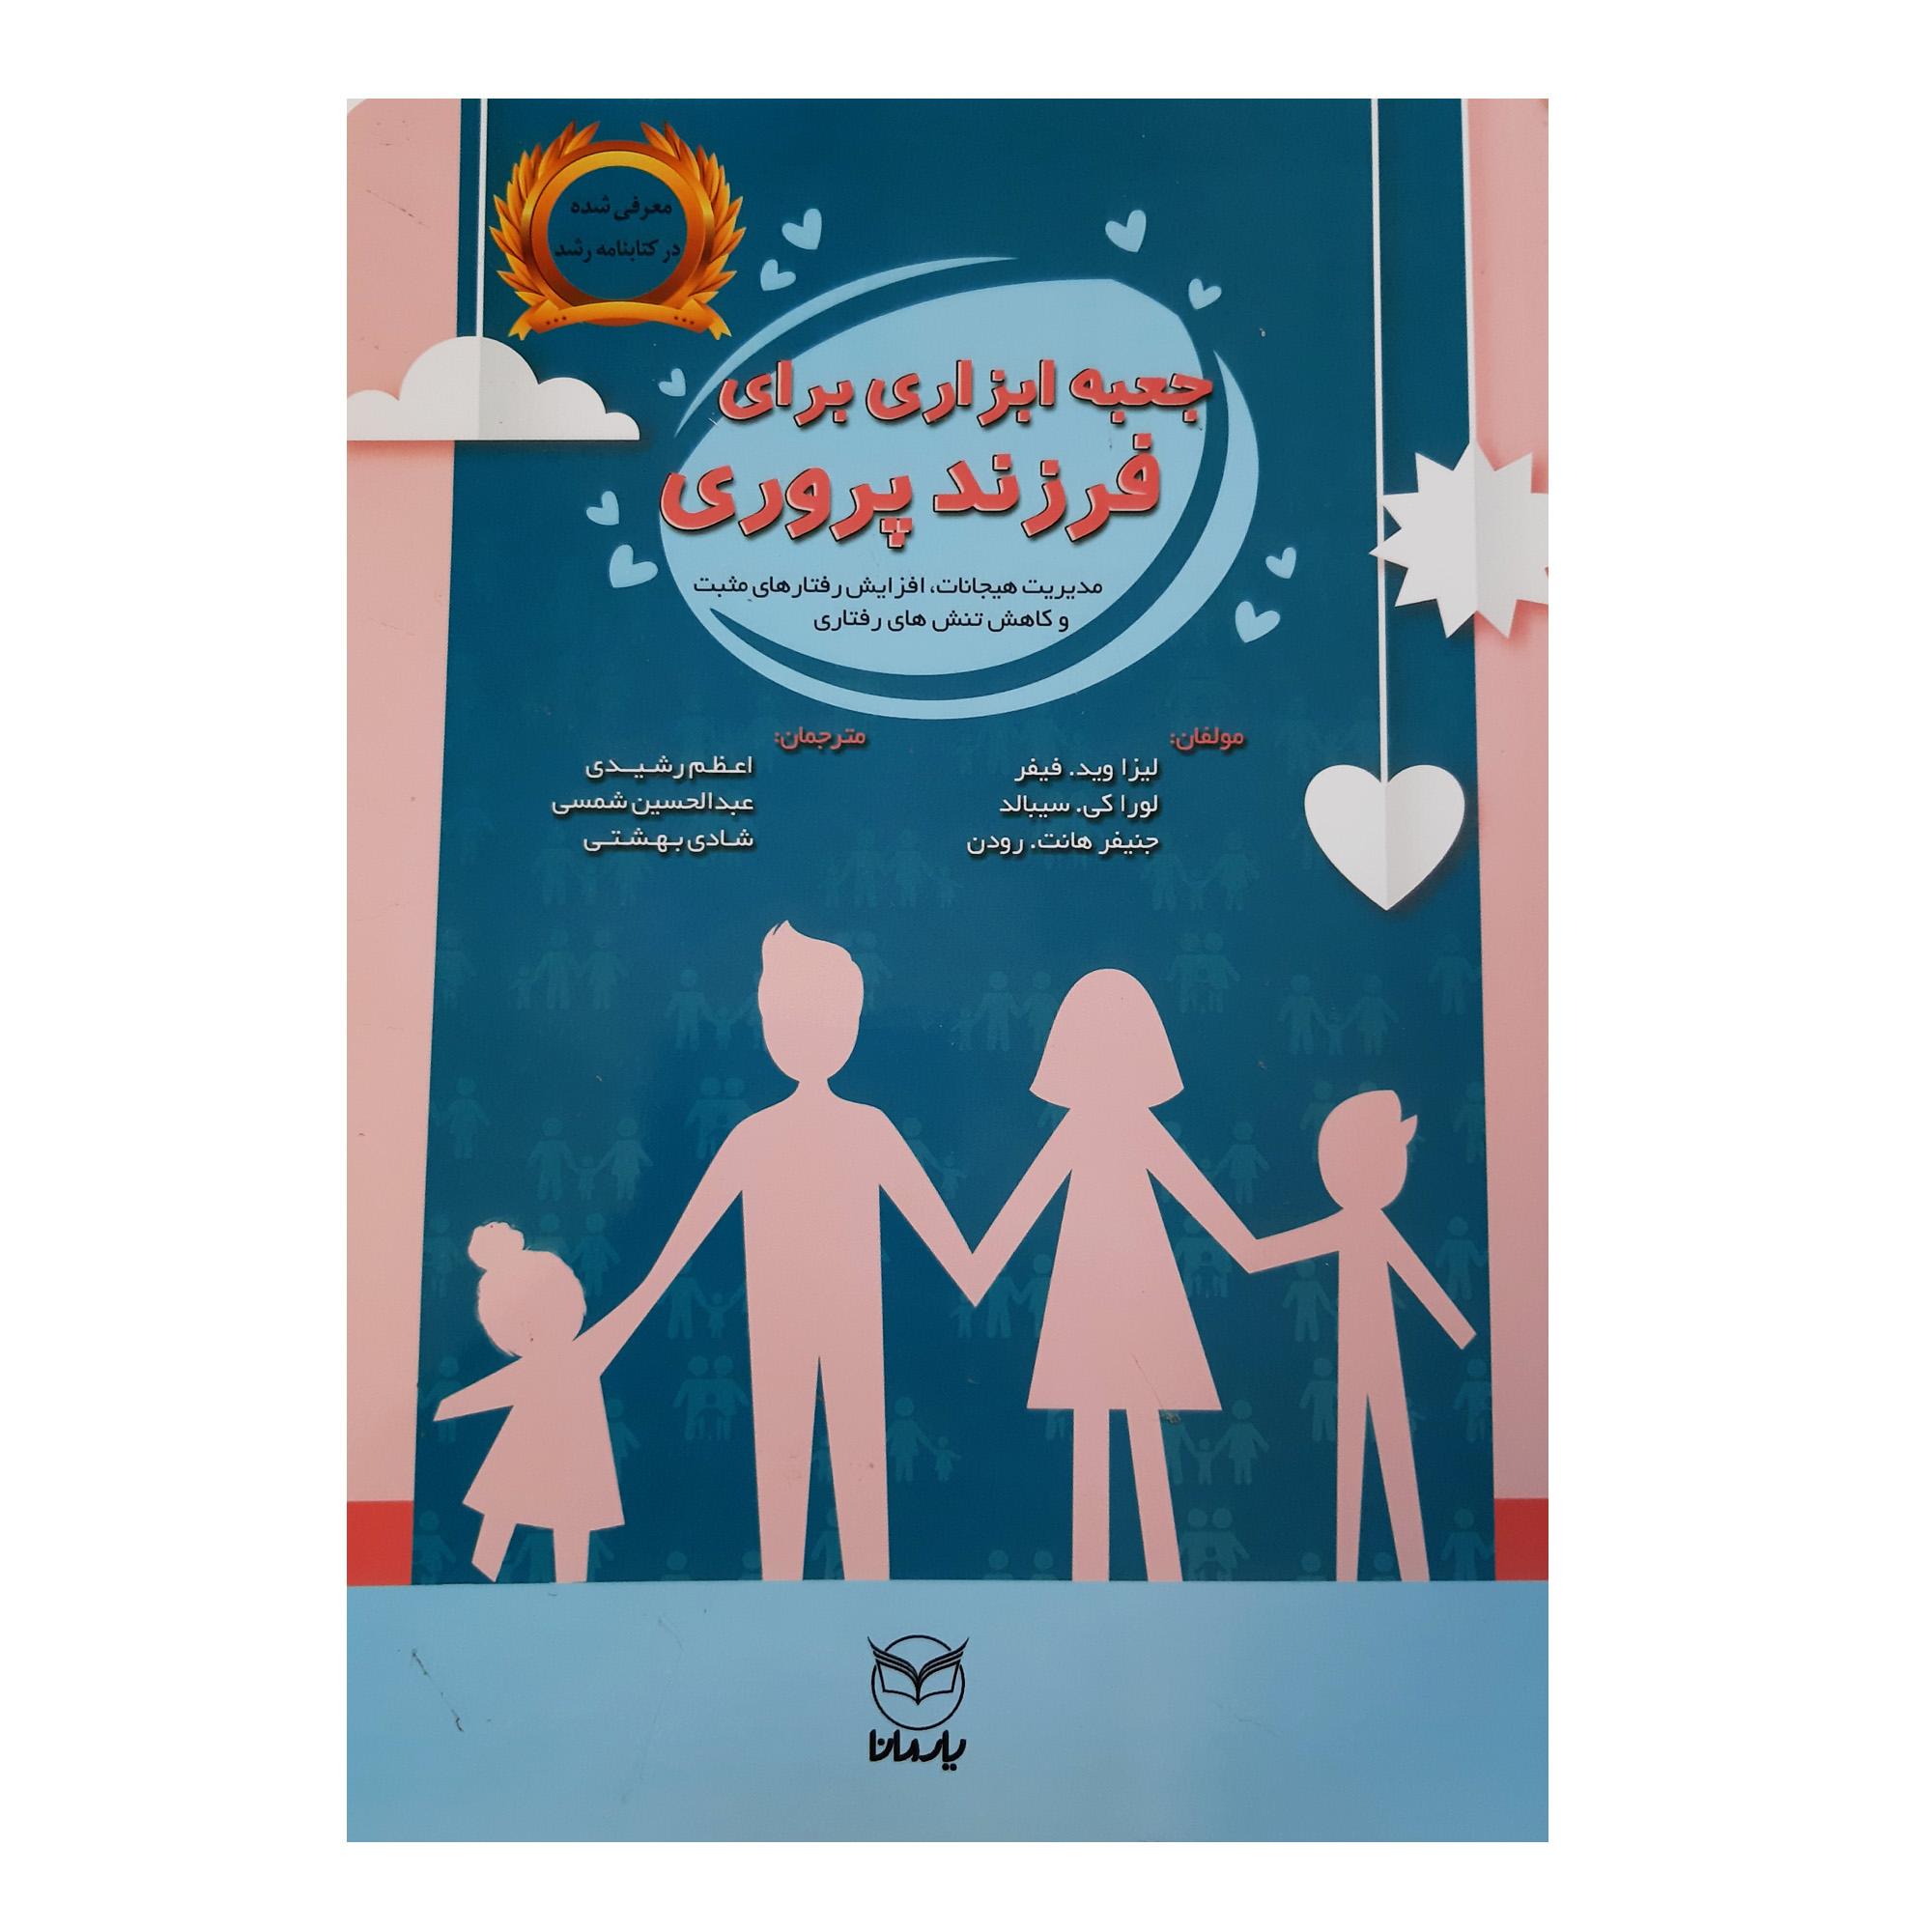 کتاب جعبه ابزاری برای فرزندپروری مدیریت هیجانات، افزایش رفتارهای مثبت و کاهش تنش های رفتاری اثر جمعی از نویسندگان انتشارات یارمانا